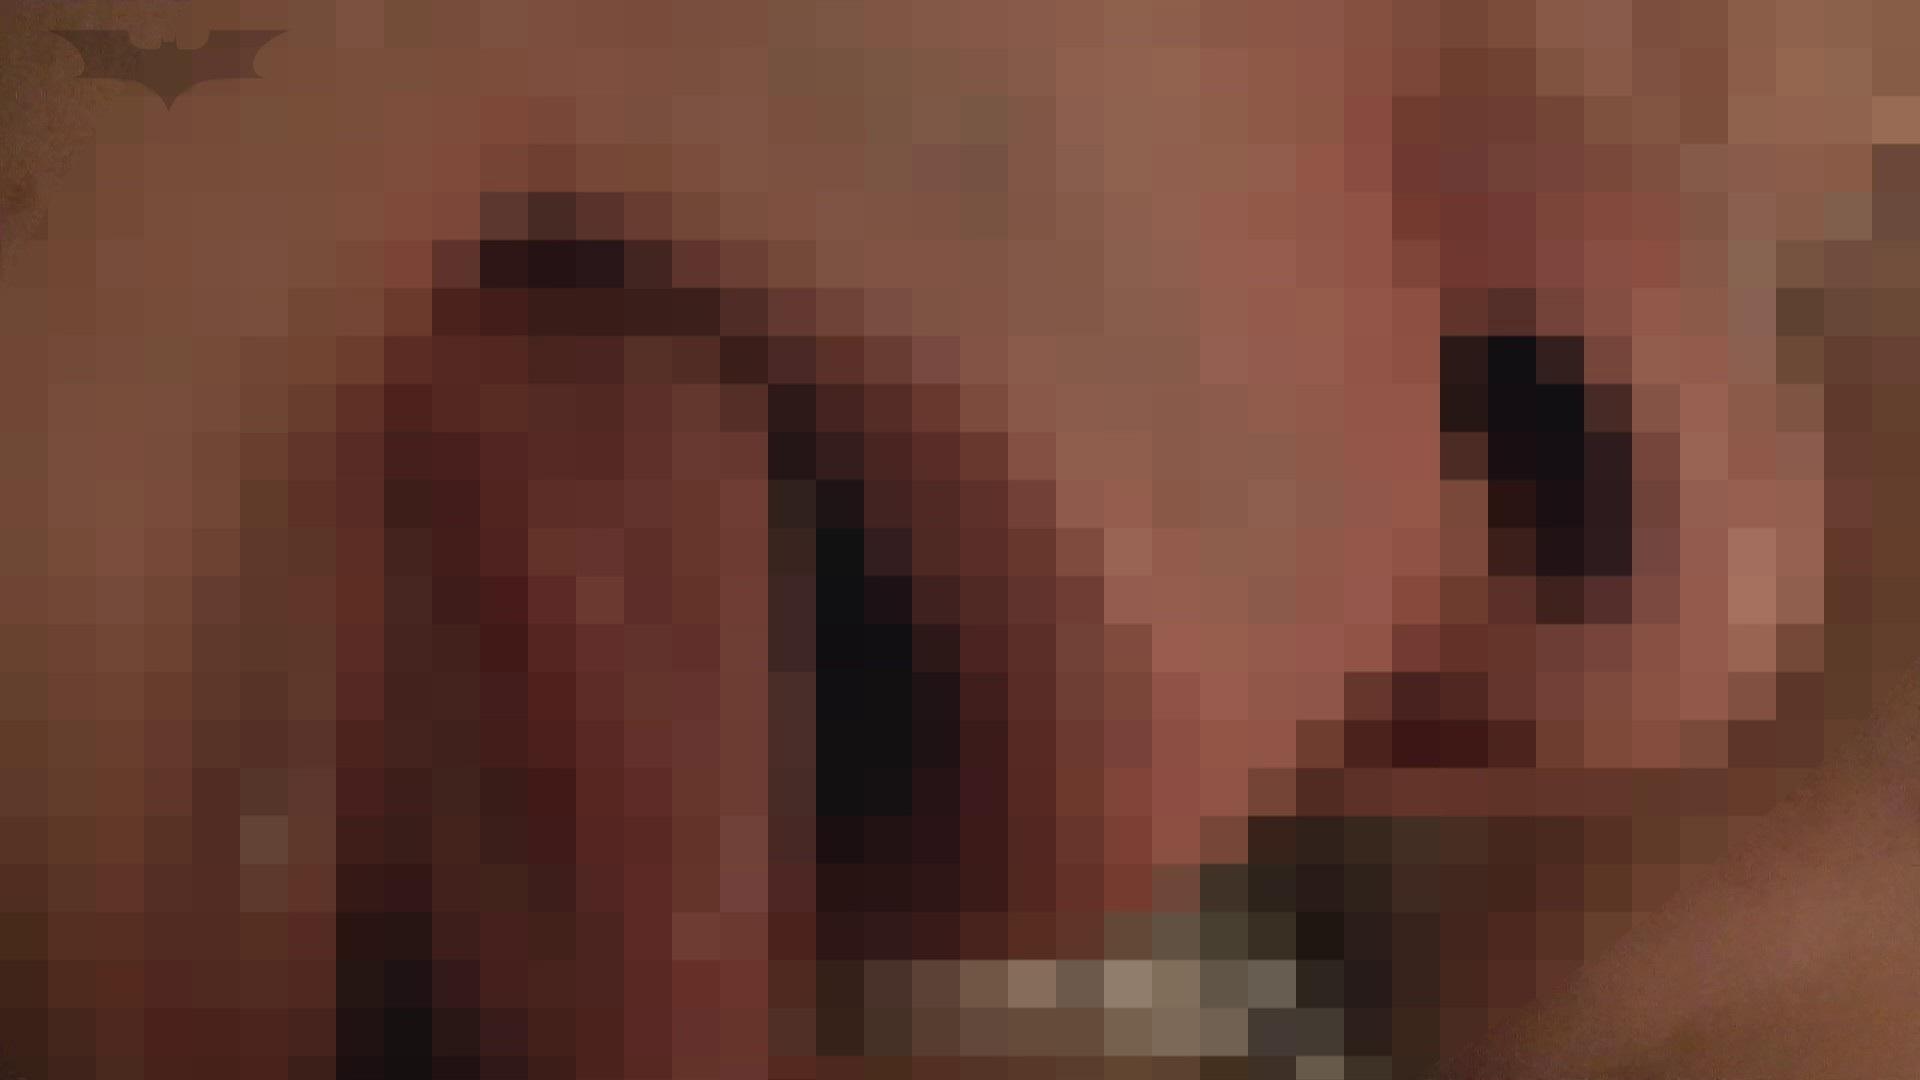 期間限定闇の花道Vol.07 影対姪っ子絶対ダメな調教関係Vol.01 丸見え AV動画キャプチャ 45画像 24